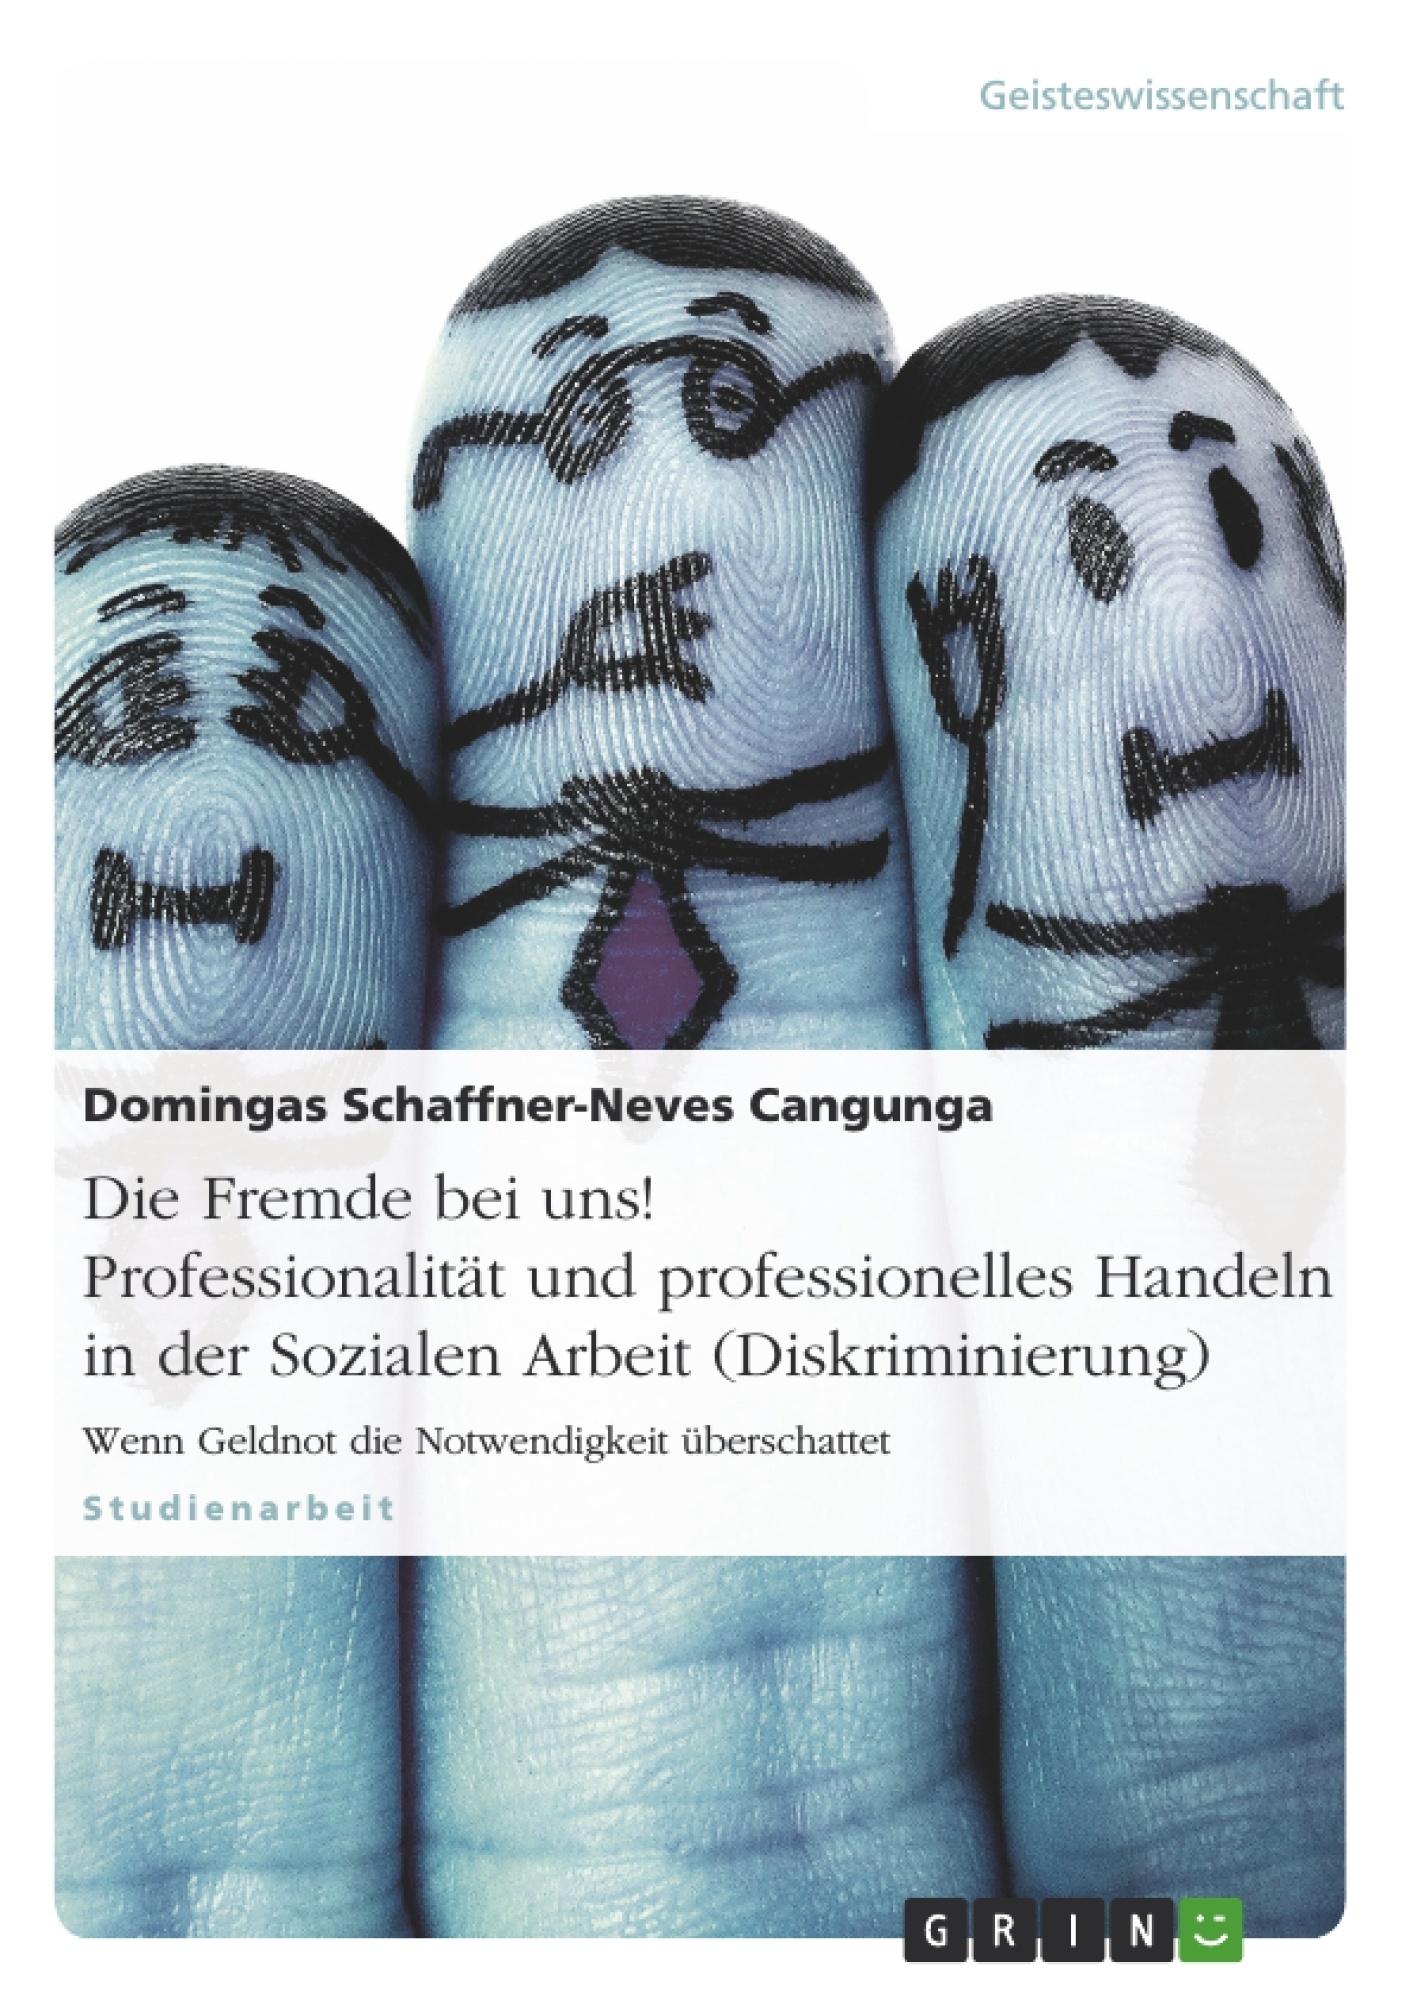 Titel: Die Fremde bei uns! Professionalität und professionelles Handeln in der Sozialen Arbeit (Diskriminierung)